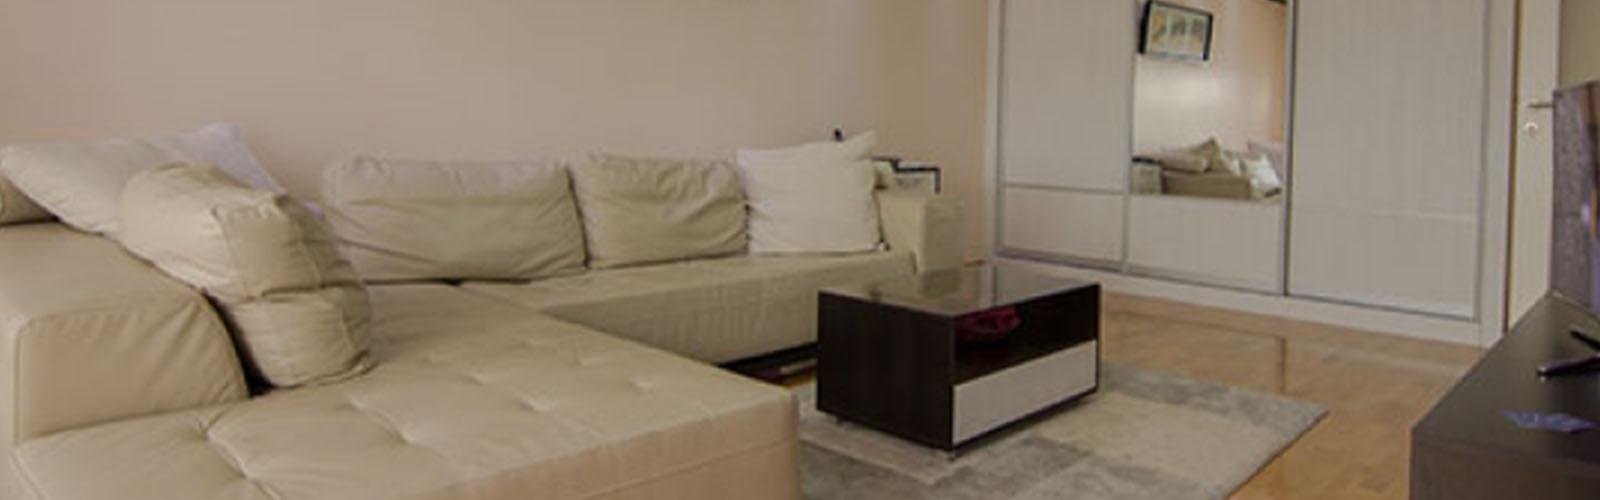 Concierge Belgrade | Apartman Delta Top 108